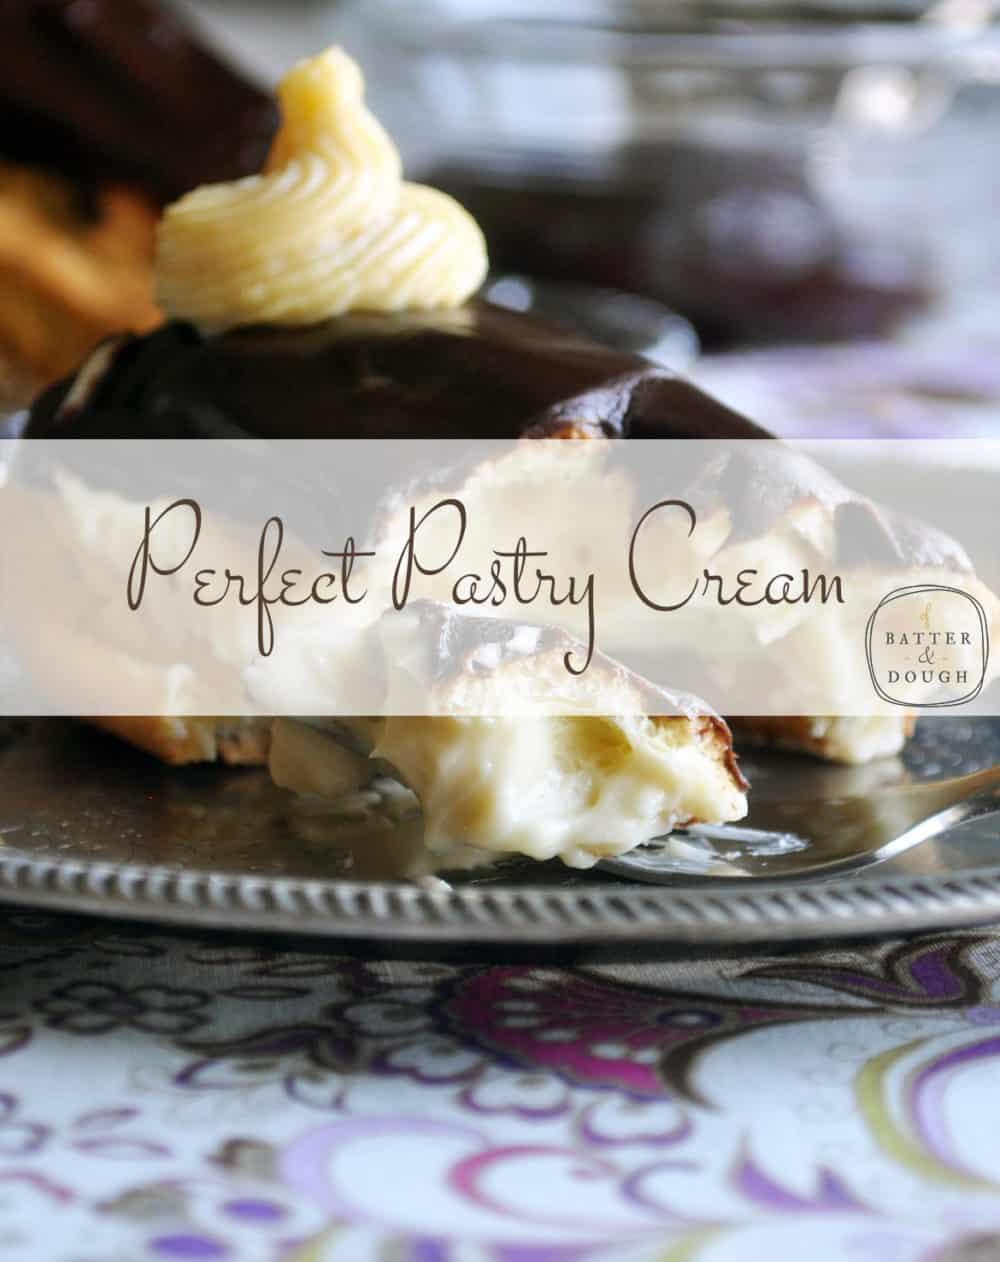 Vanilla Pastry Cream Recipe | ofbatteranddough.com